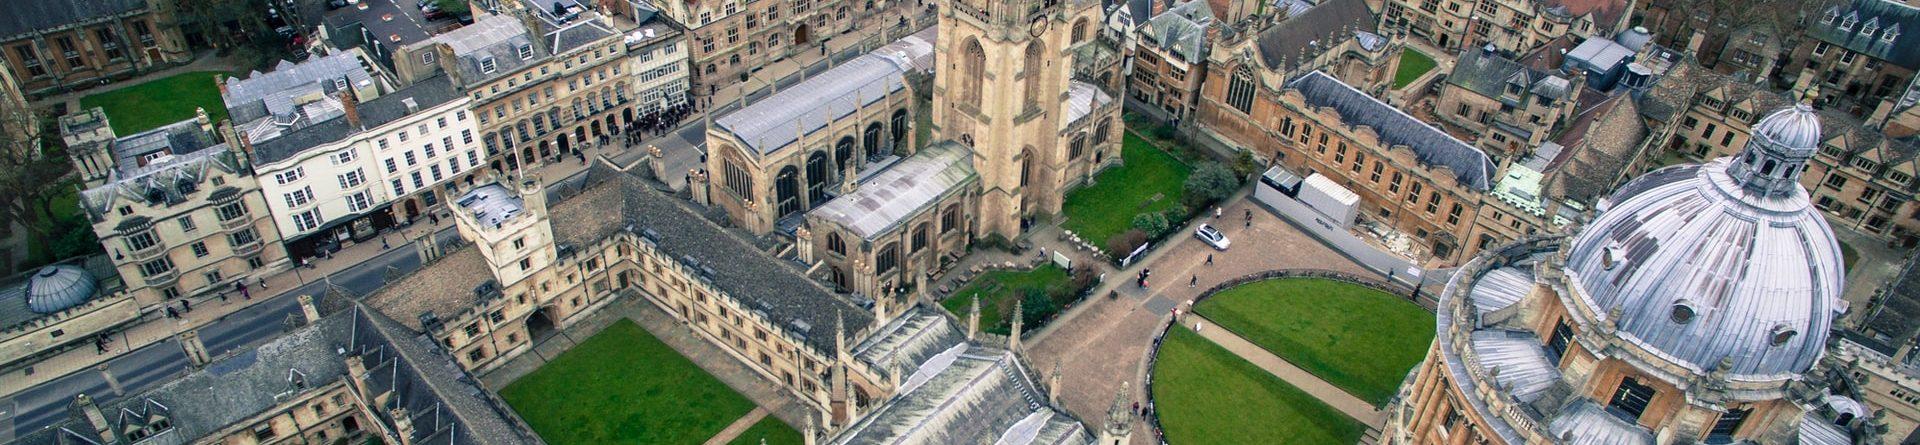 4 университета Великобритании вошли в рейтинг лучших